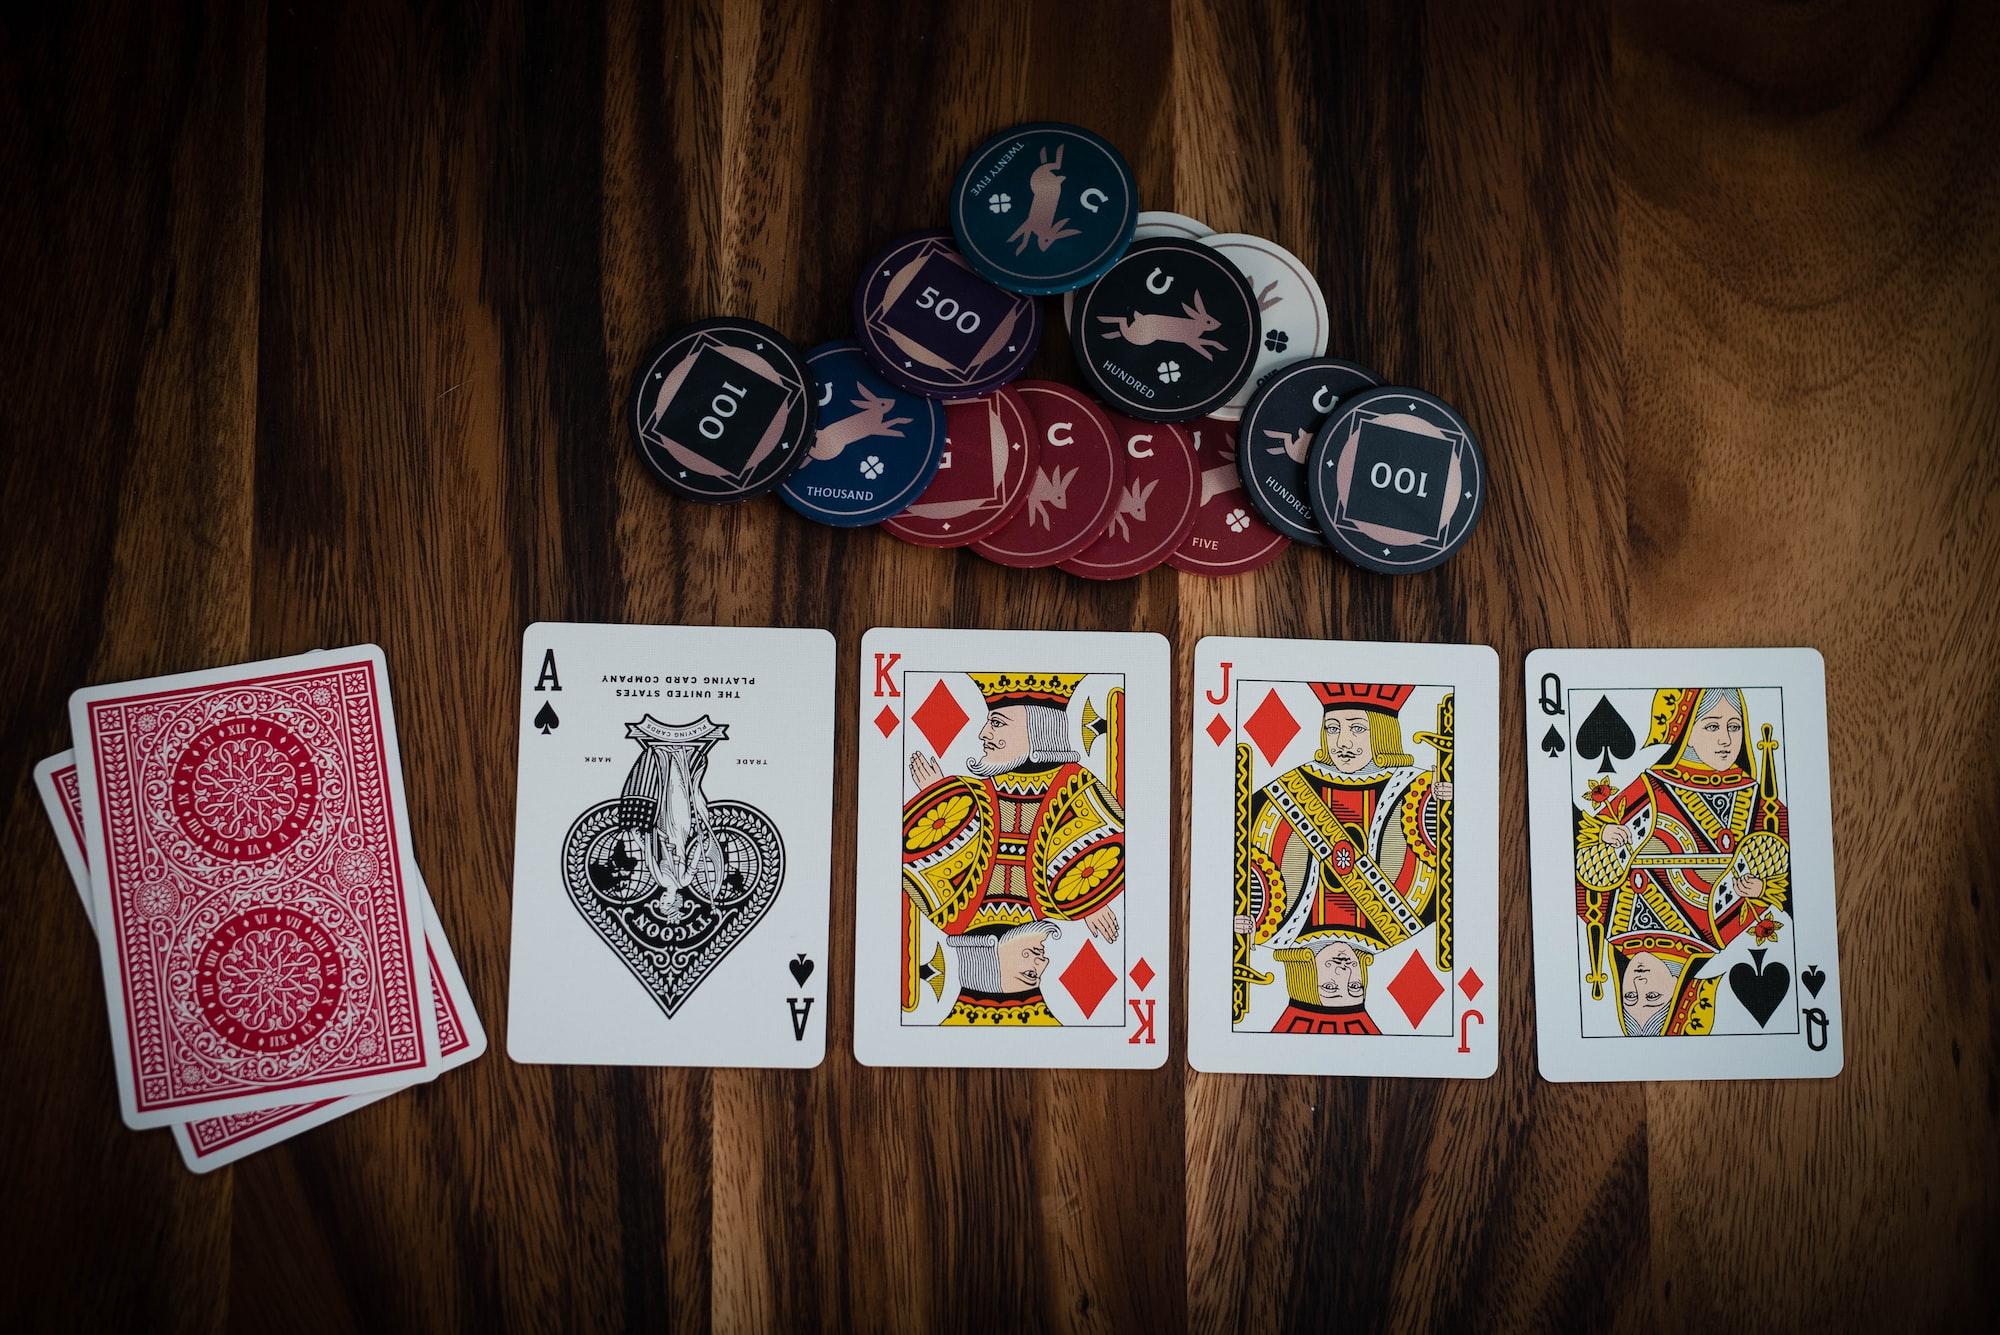 Estrazioni Lotto, Superenalotto e 10eLotto 22/06/21: i numeri vincenti